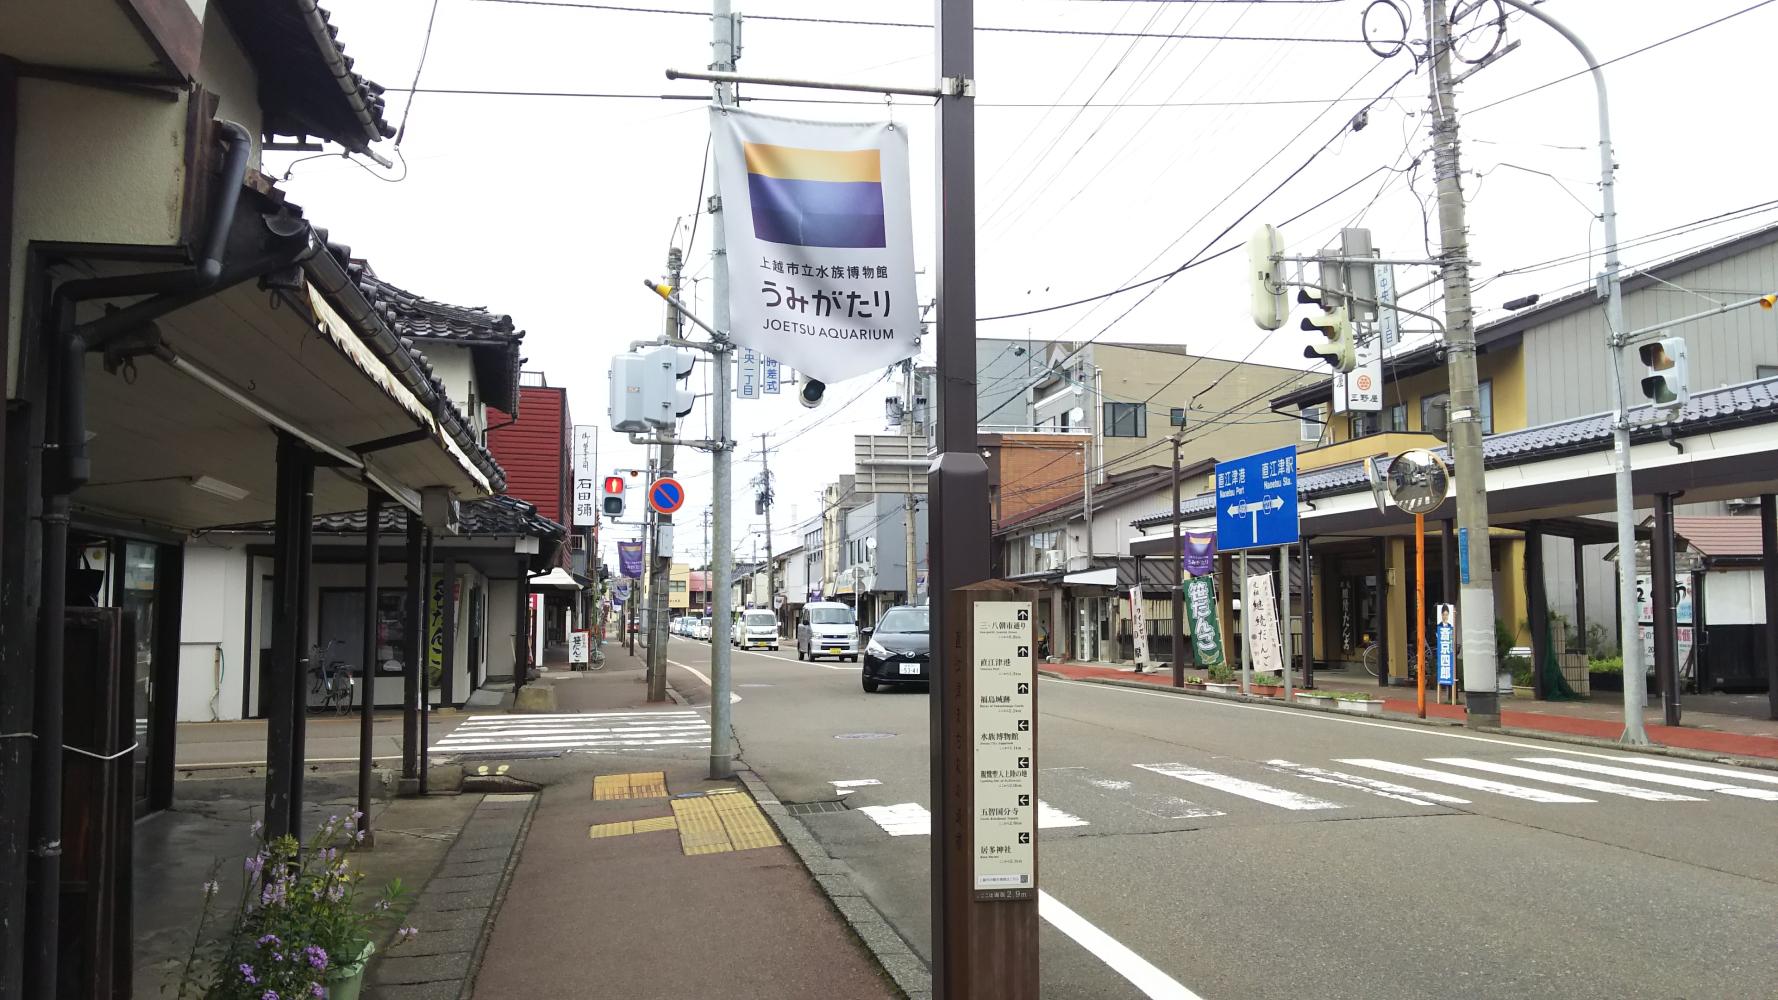 naoetsu_sta1-2.jpg